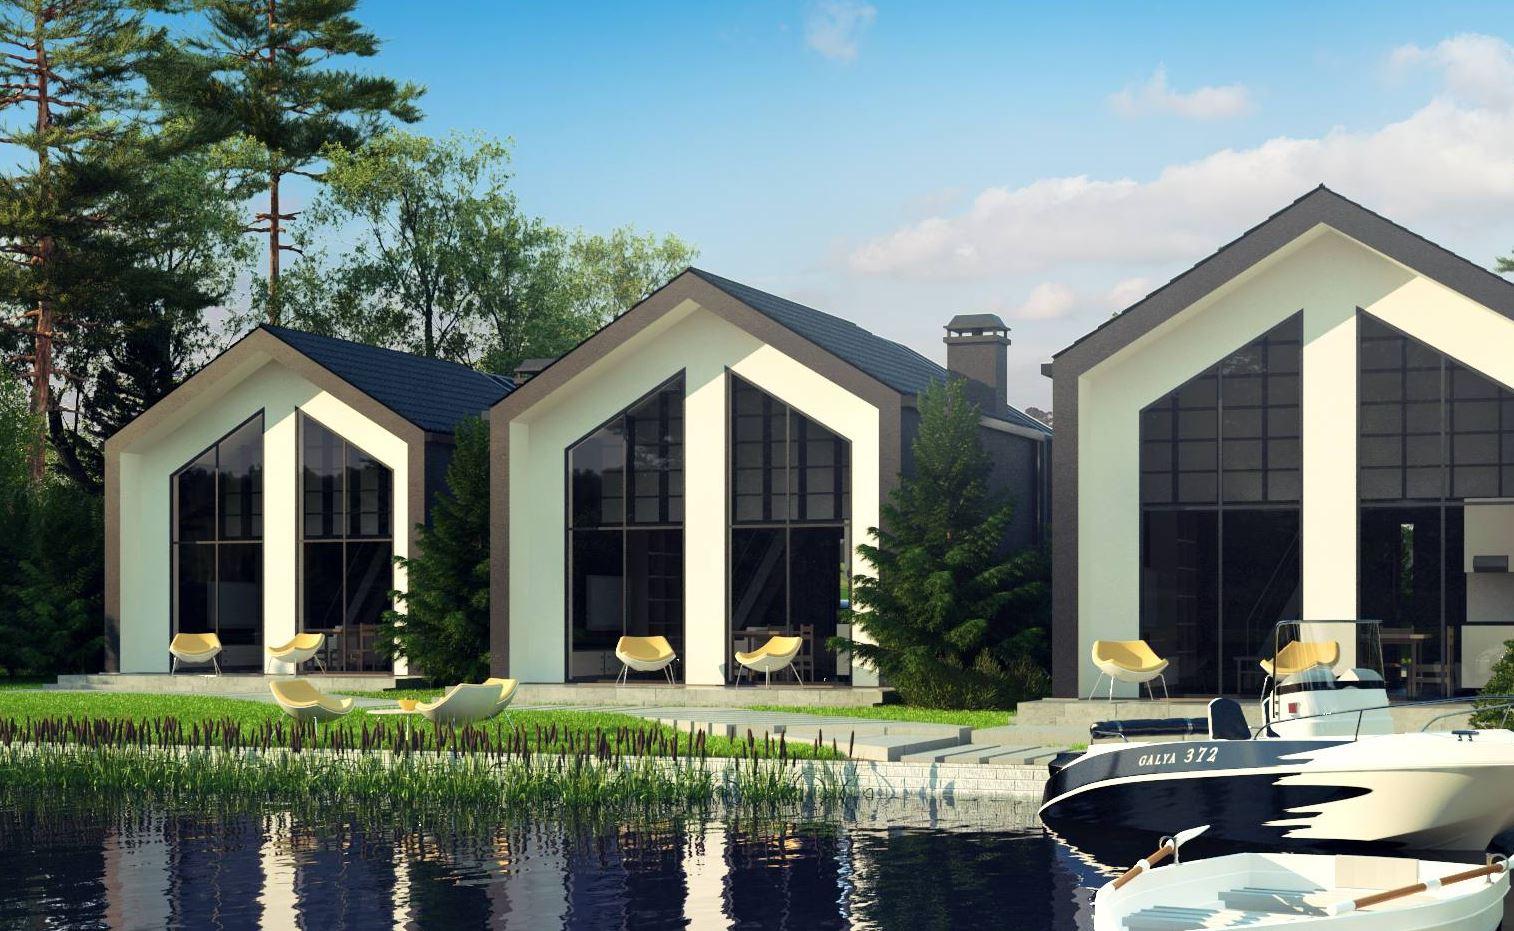 wizualizacje domów letniskowych nad jeziorem